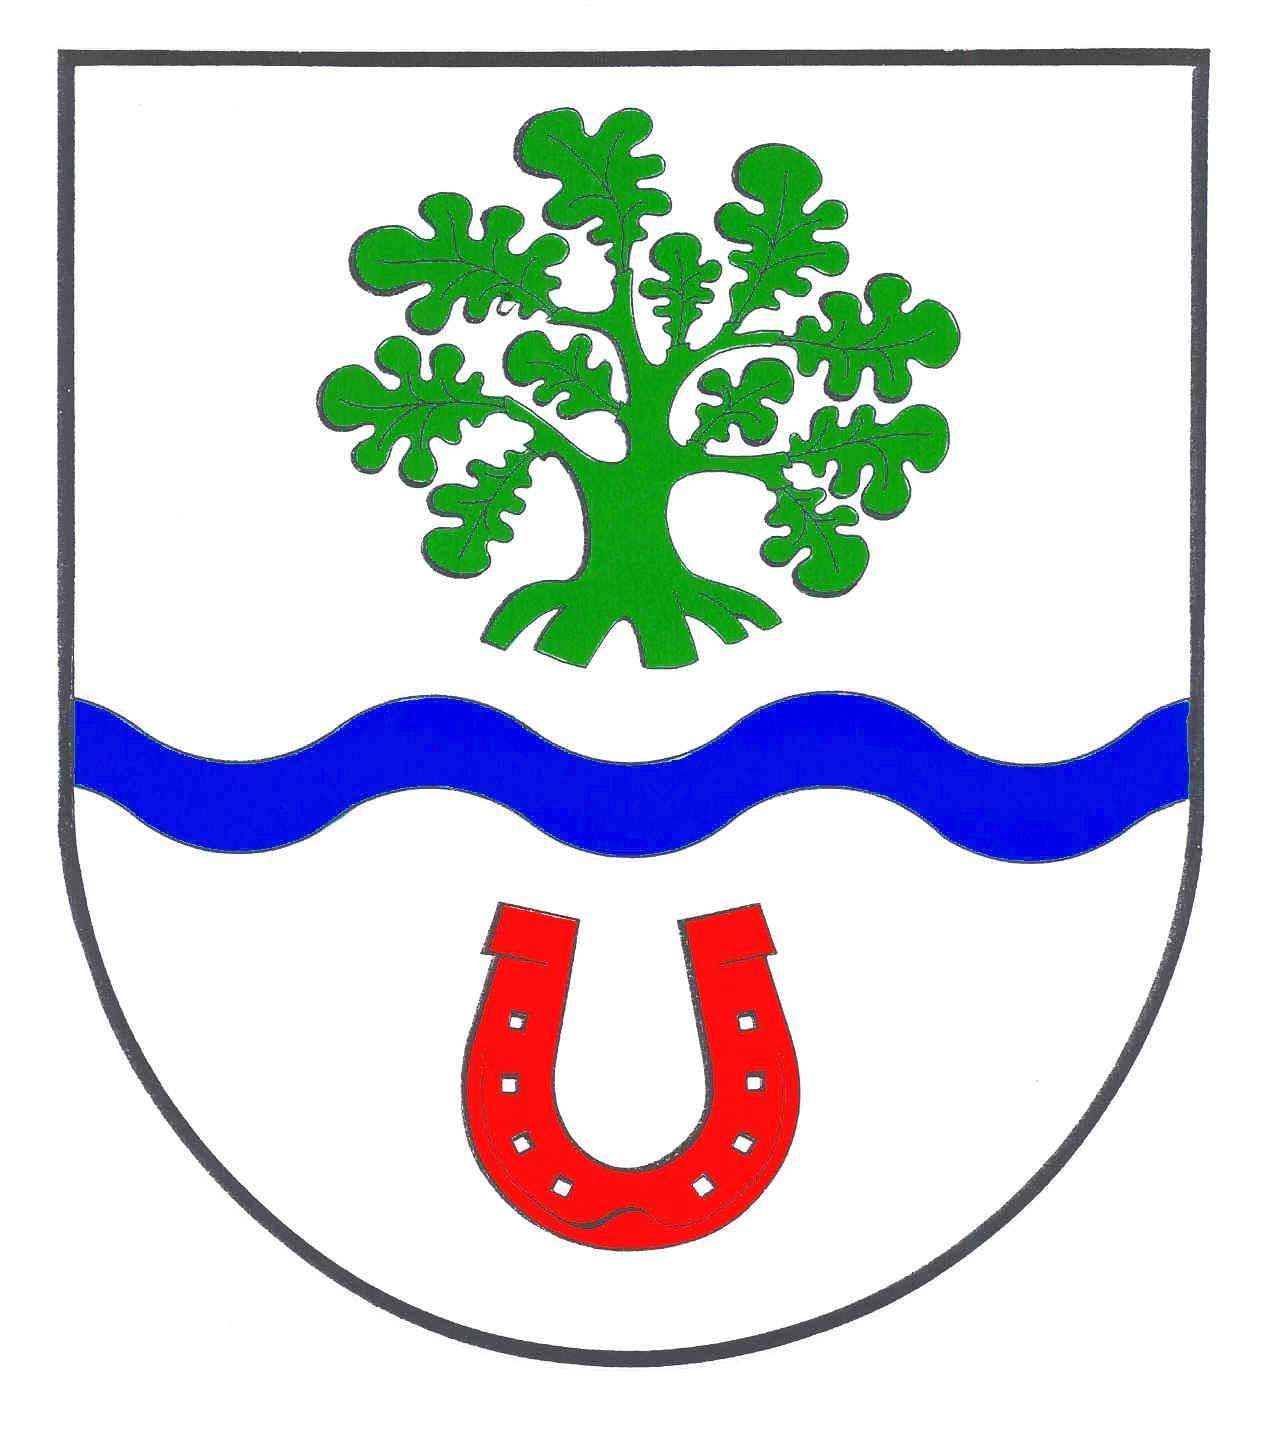 Wappen GemeindePadenstedt, Kreis Rendsburg-Eckernförde